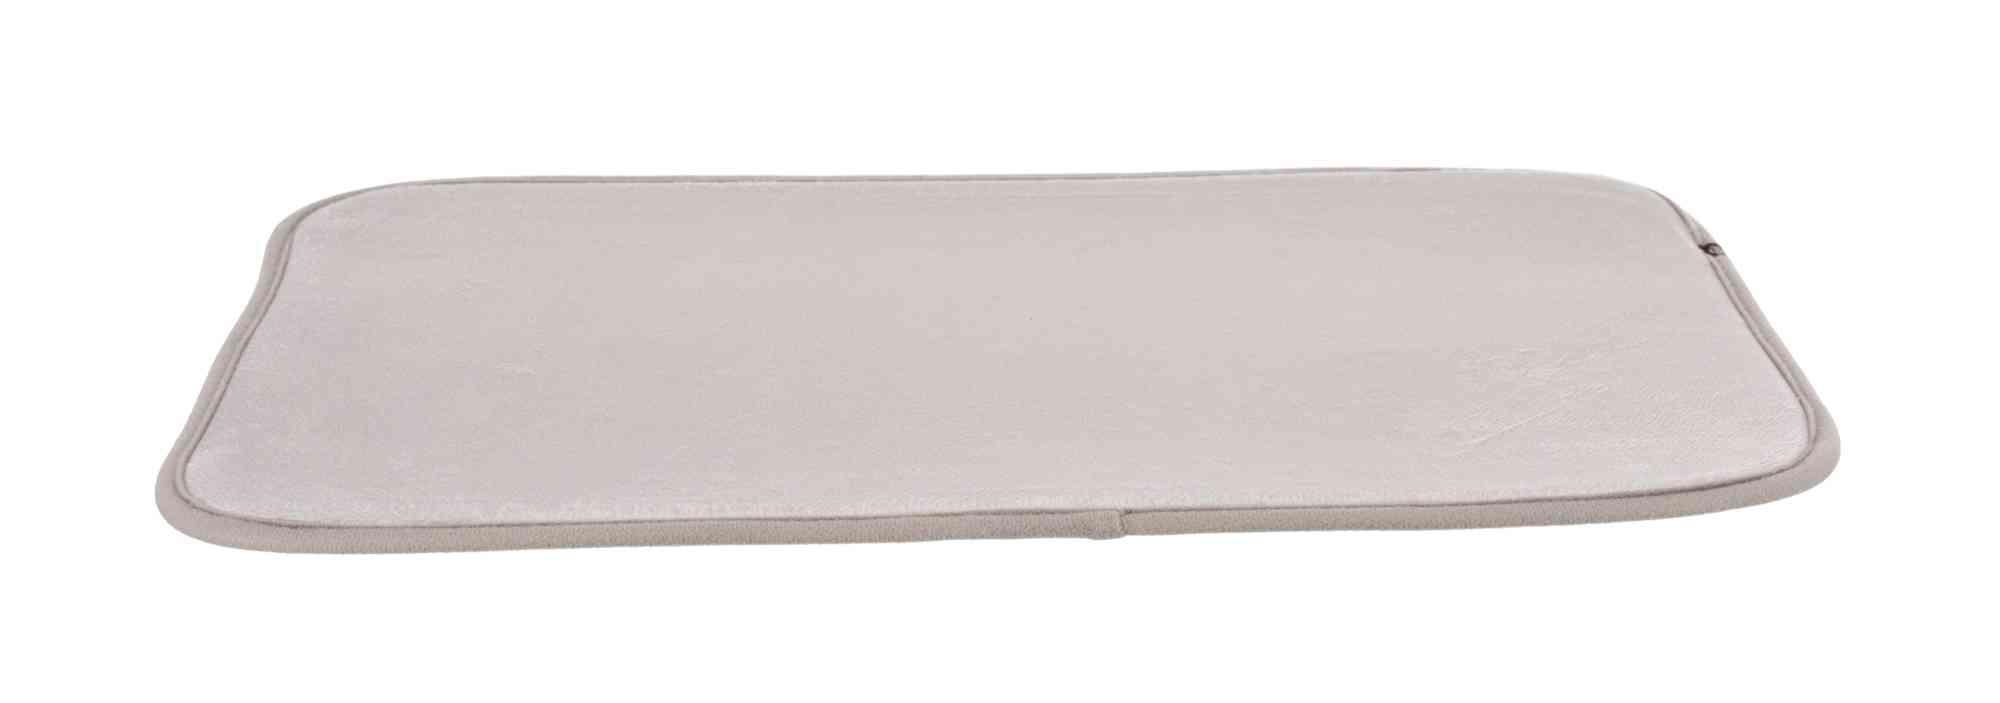 Liegematte für Transportbox TRIXIE Liegematte für Skudo 5/Gulliver 5 #39743/39872, 42 × 62 cm, grau